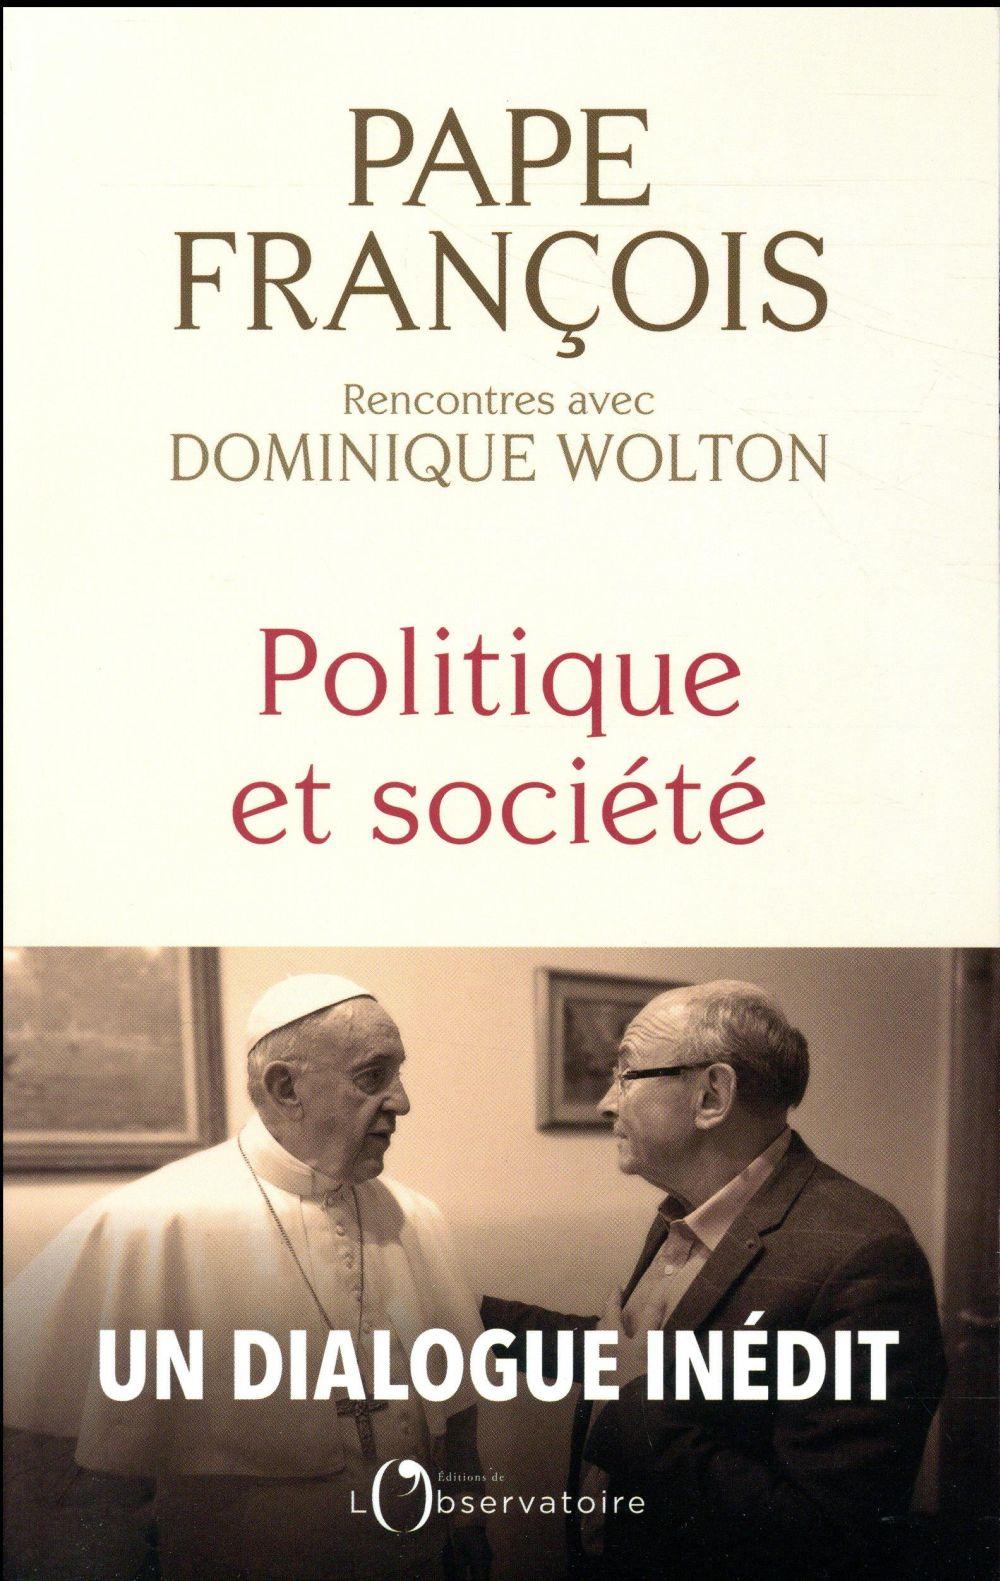 POLITIQUE ET SOCIETE Wolton Dominique Editions de l'Observatoire